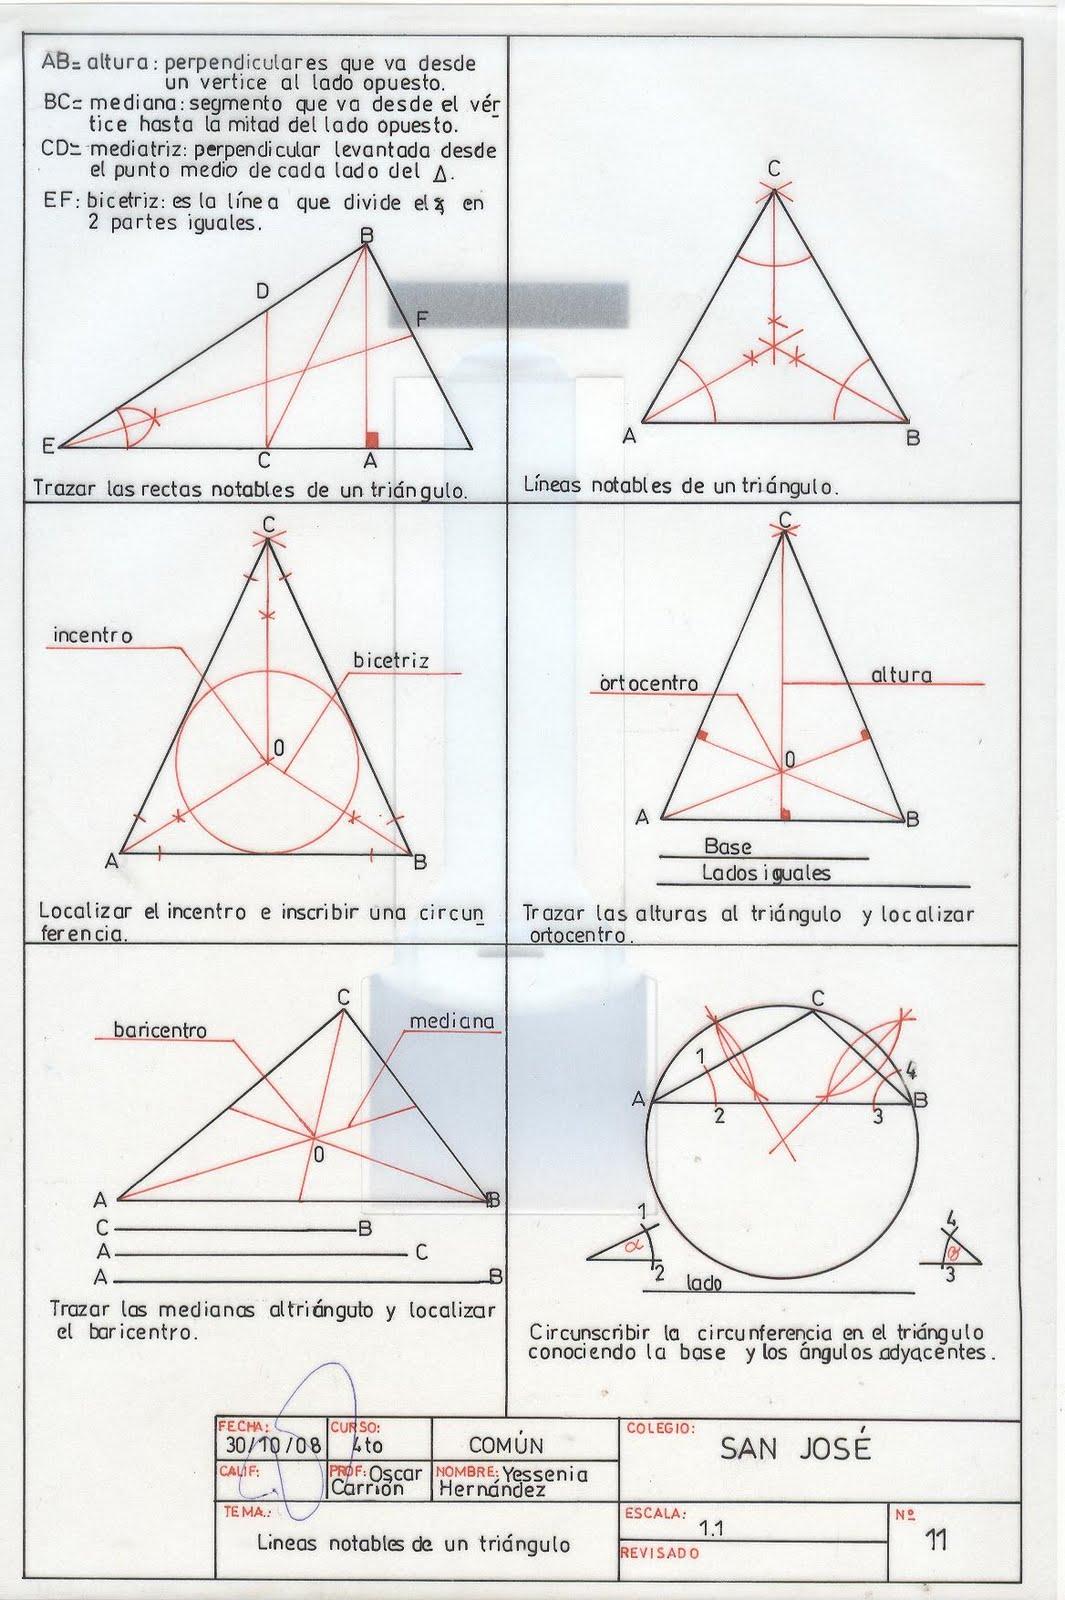 Dibujo t cnico for Puerta que abre para los dos lados